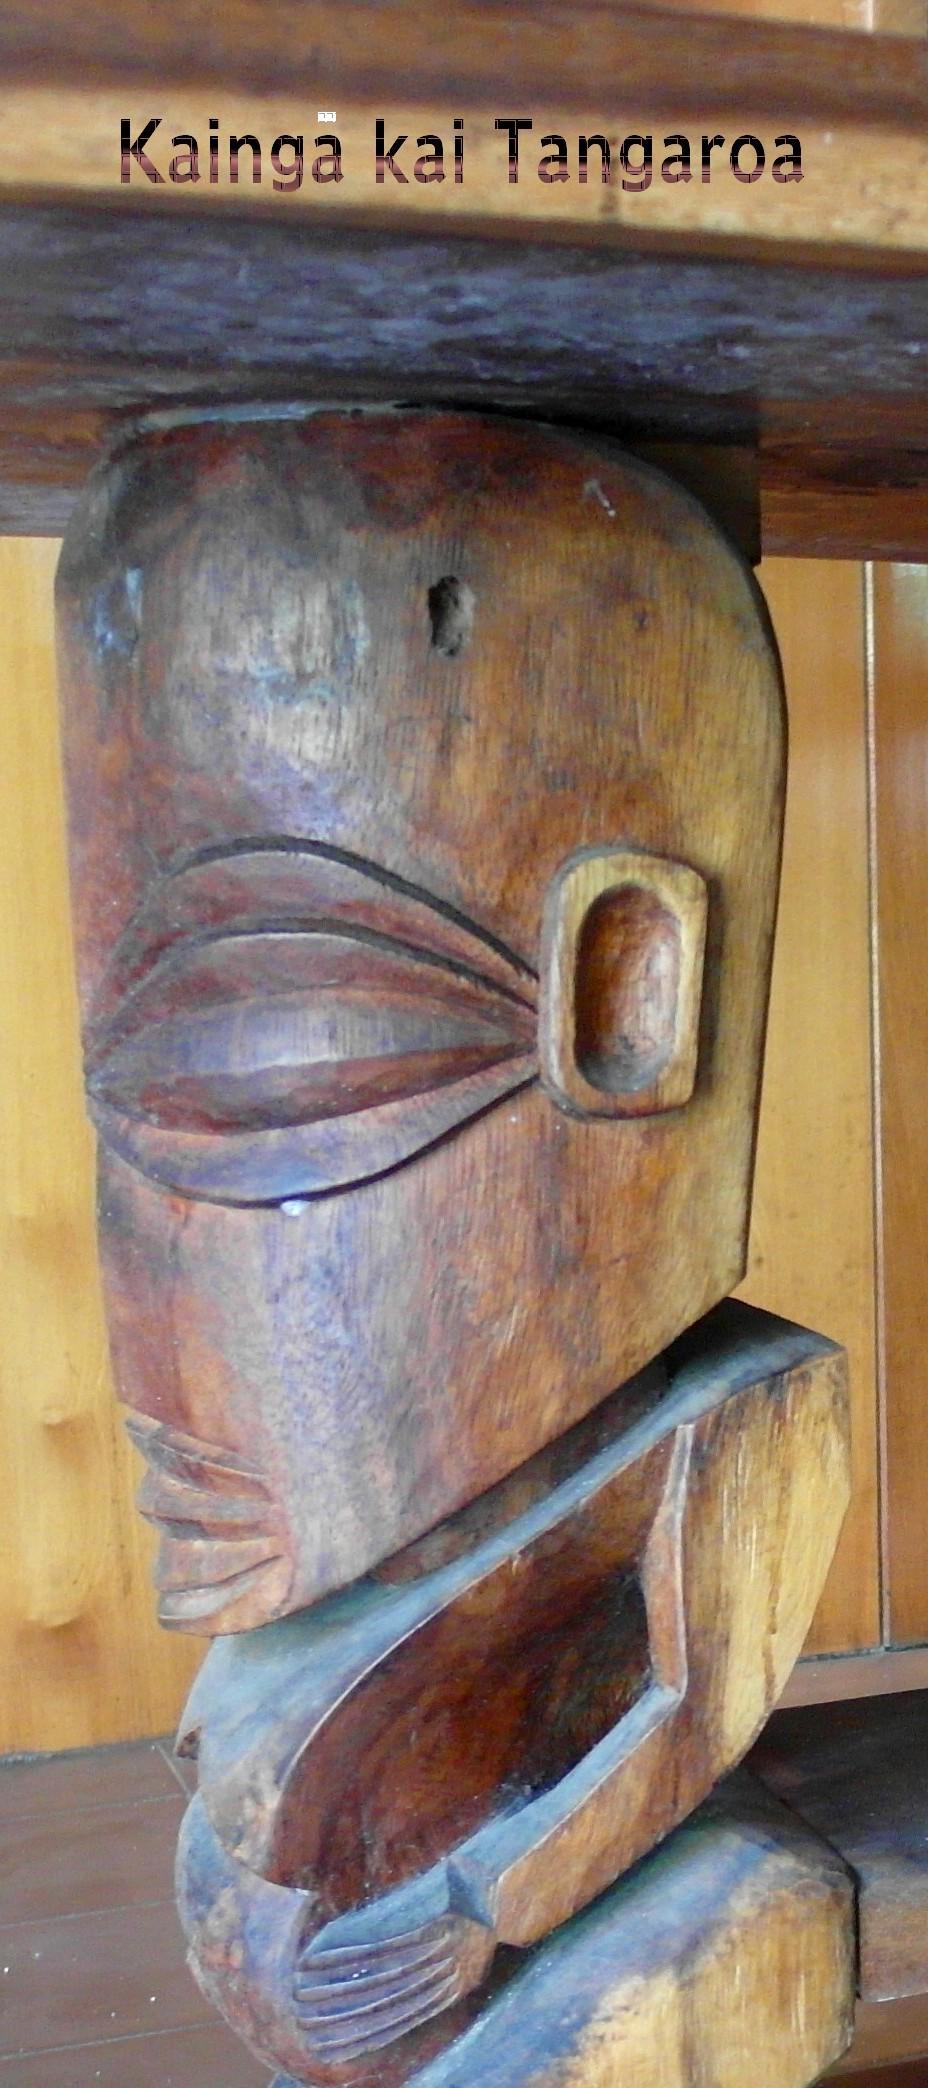 KaingakaiTangaroa-11